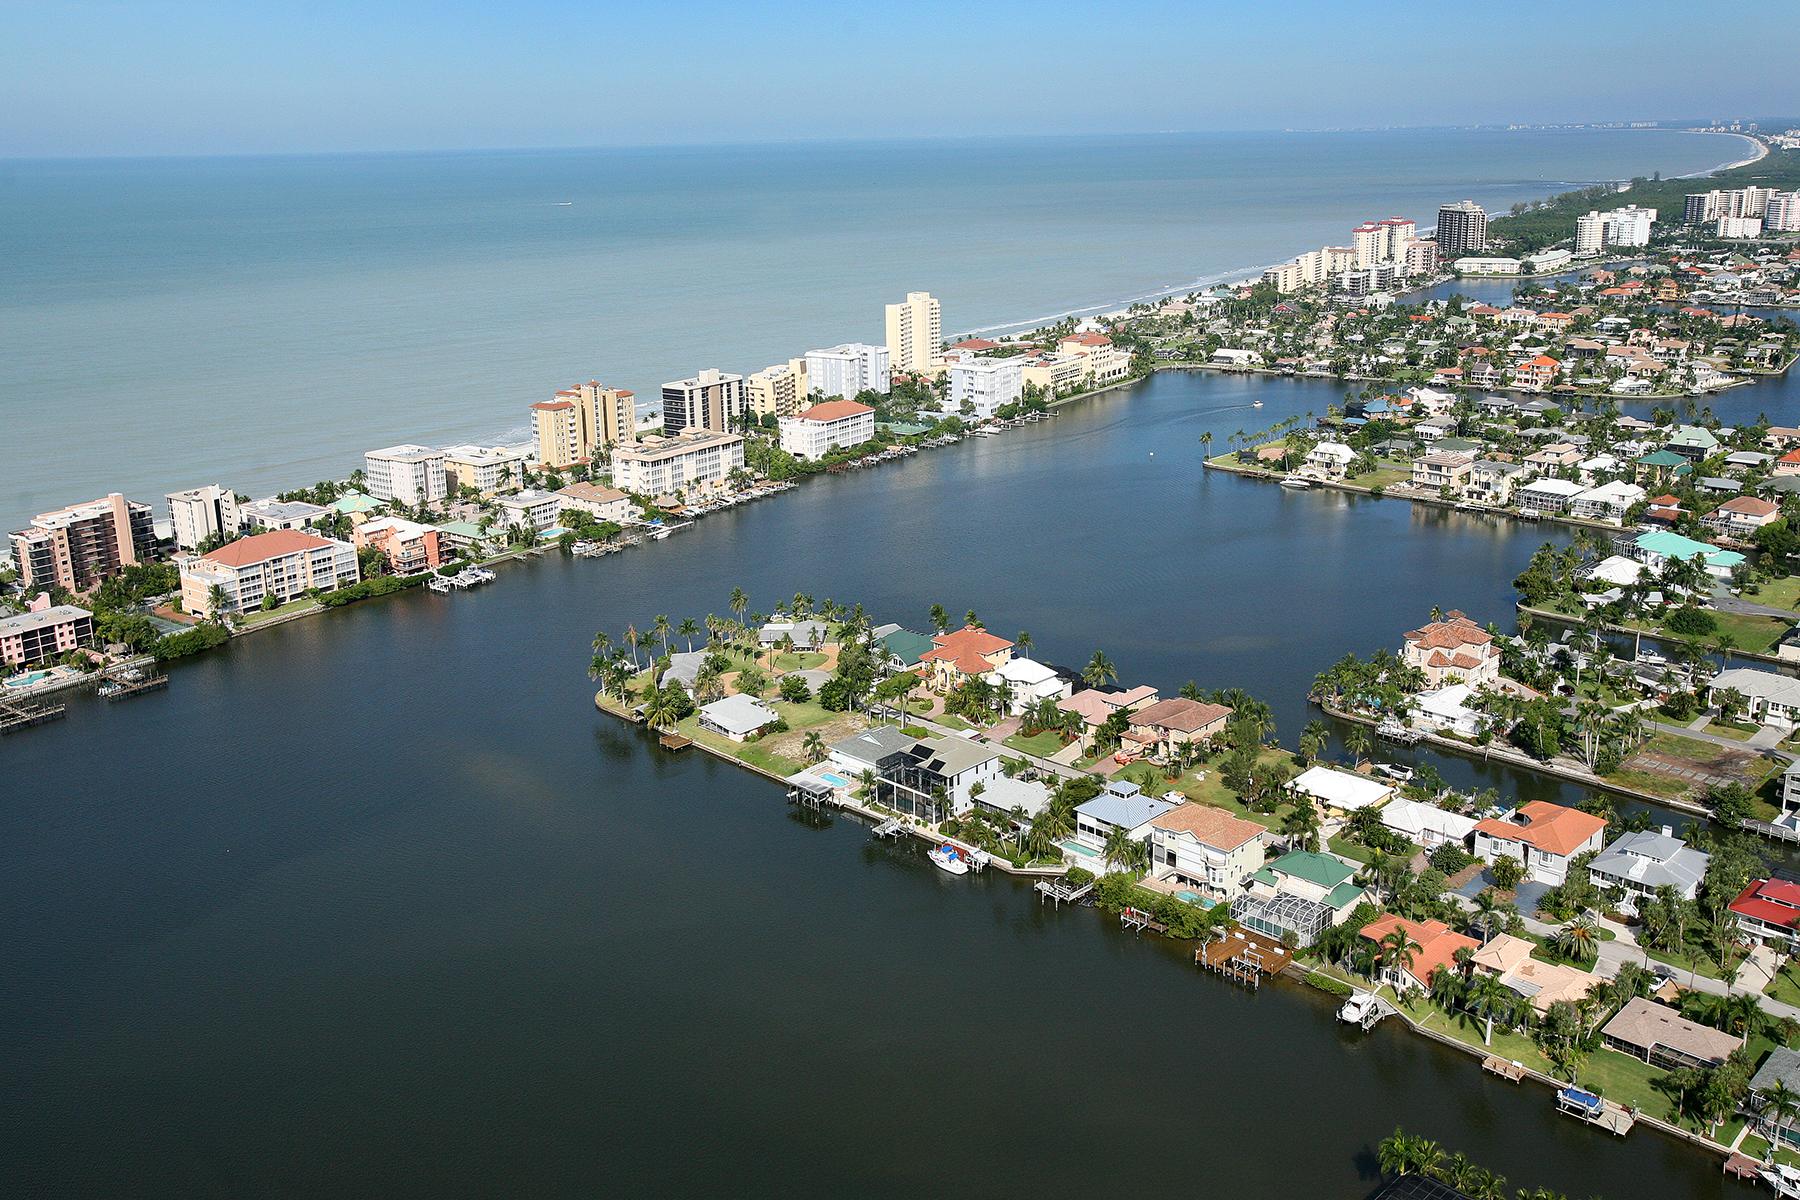 콘도미니엄 용 매매 에 VANDERBILT YACHT RACQUET 11030 Gulf Shore Dr 901, Naples, 플로리다, 34108 미국